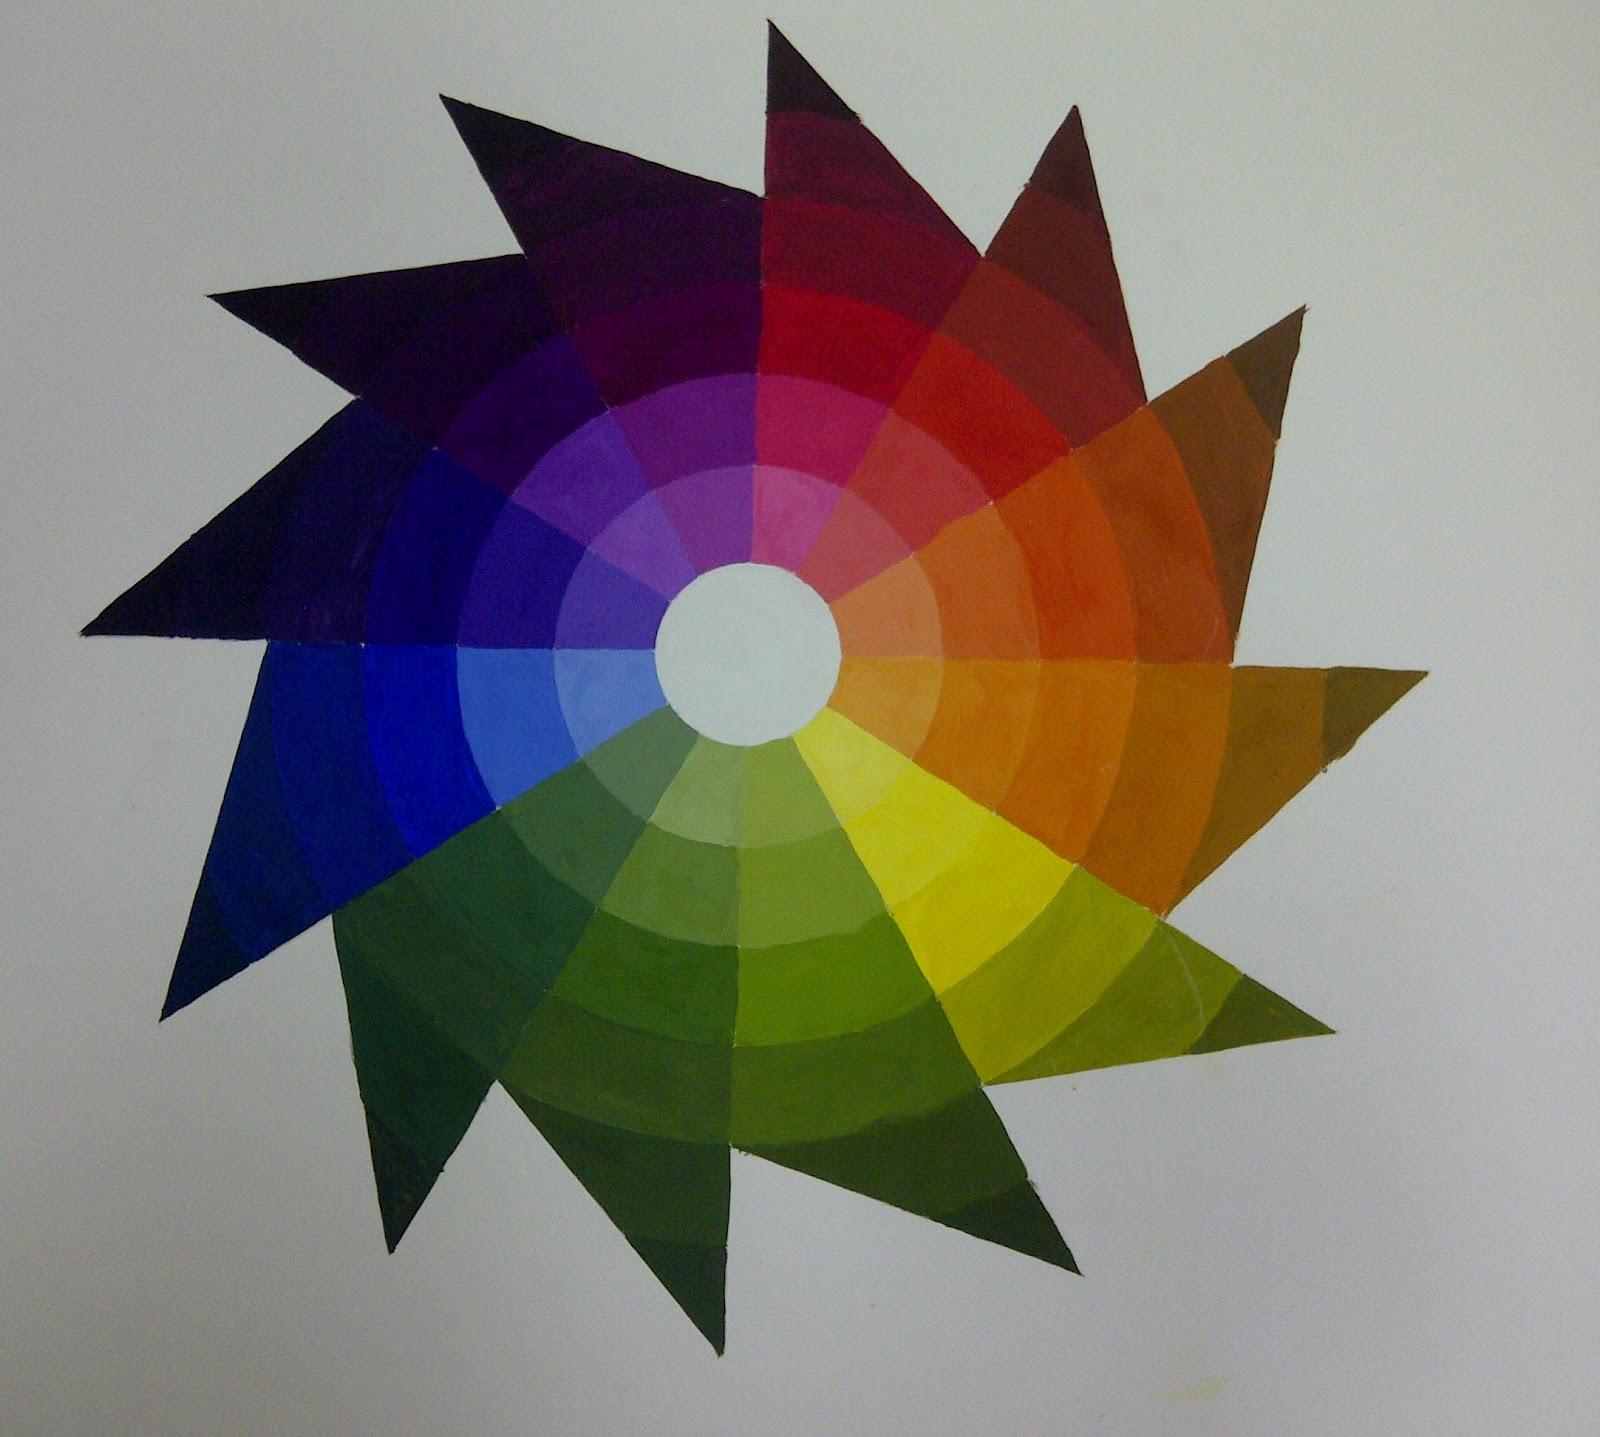 Serenadesign Color Wheel Itten Star